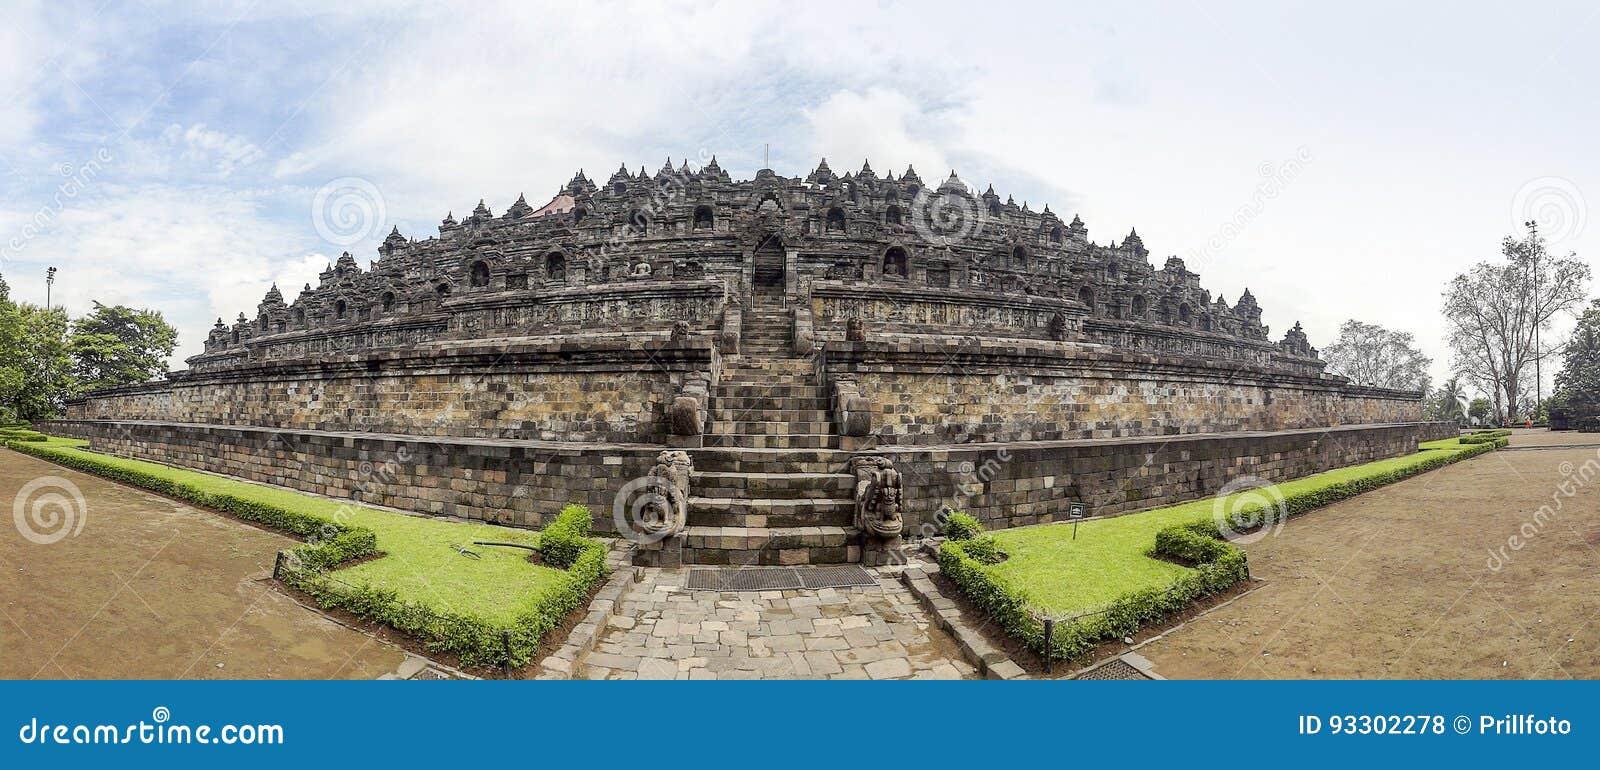 Borobudur in Java